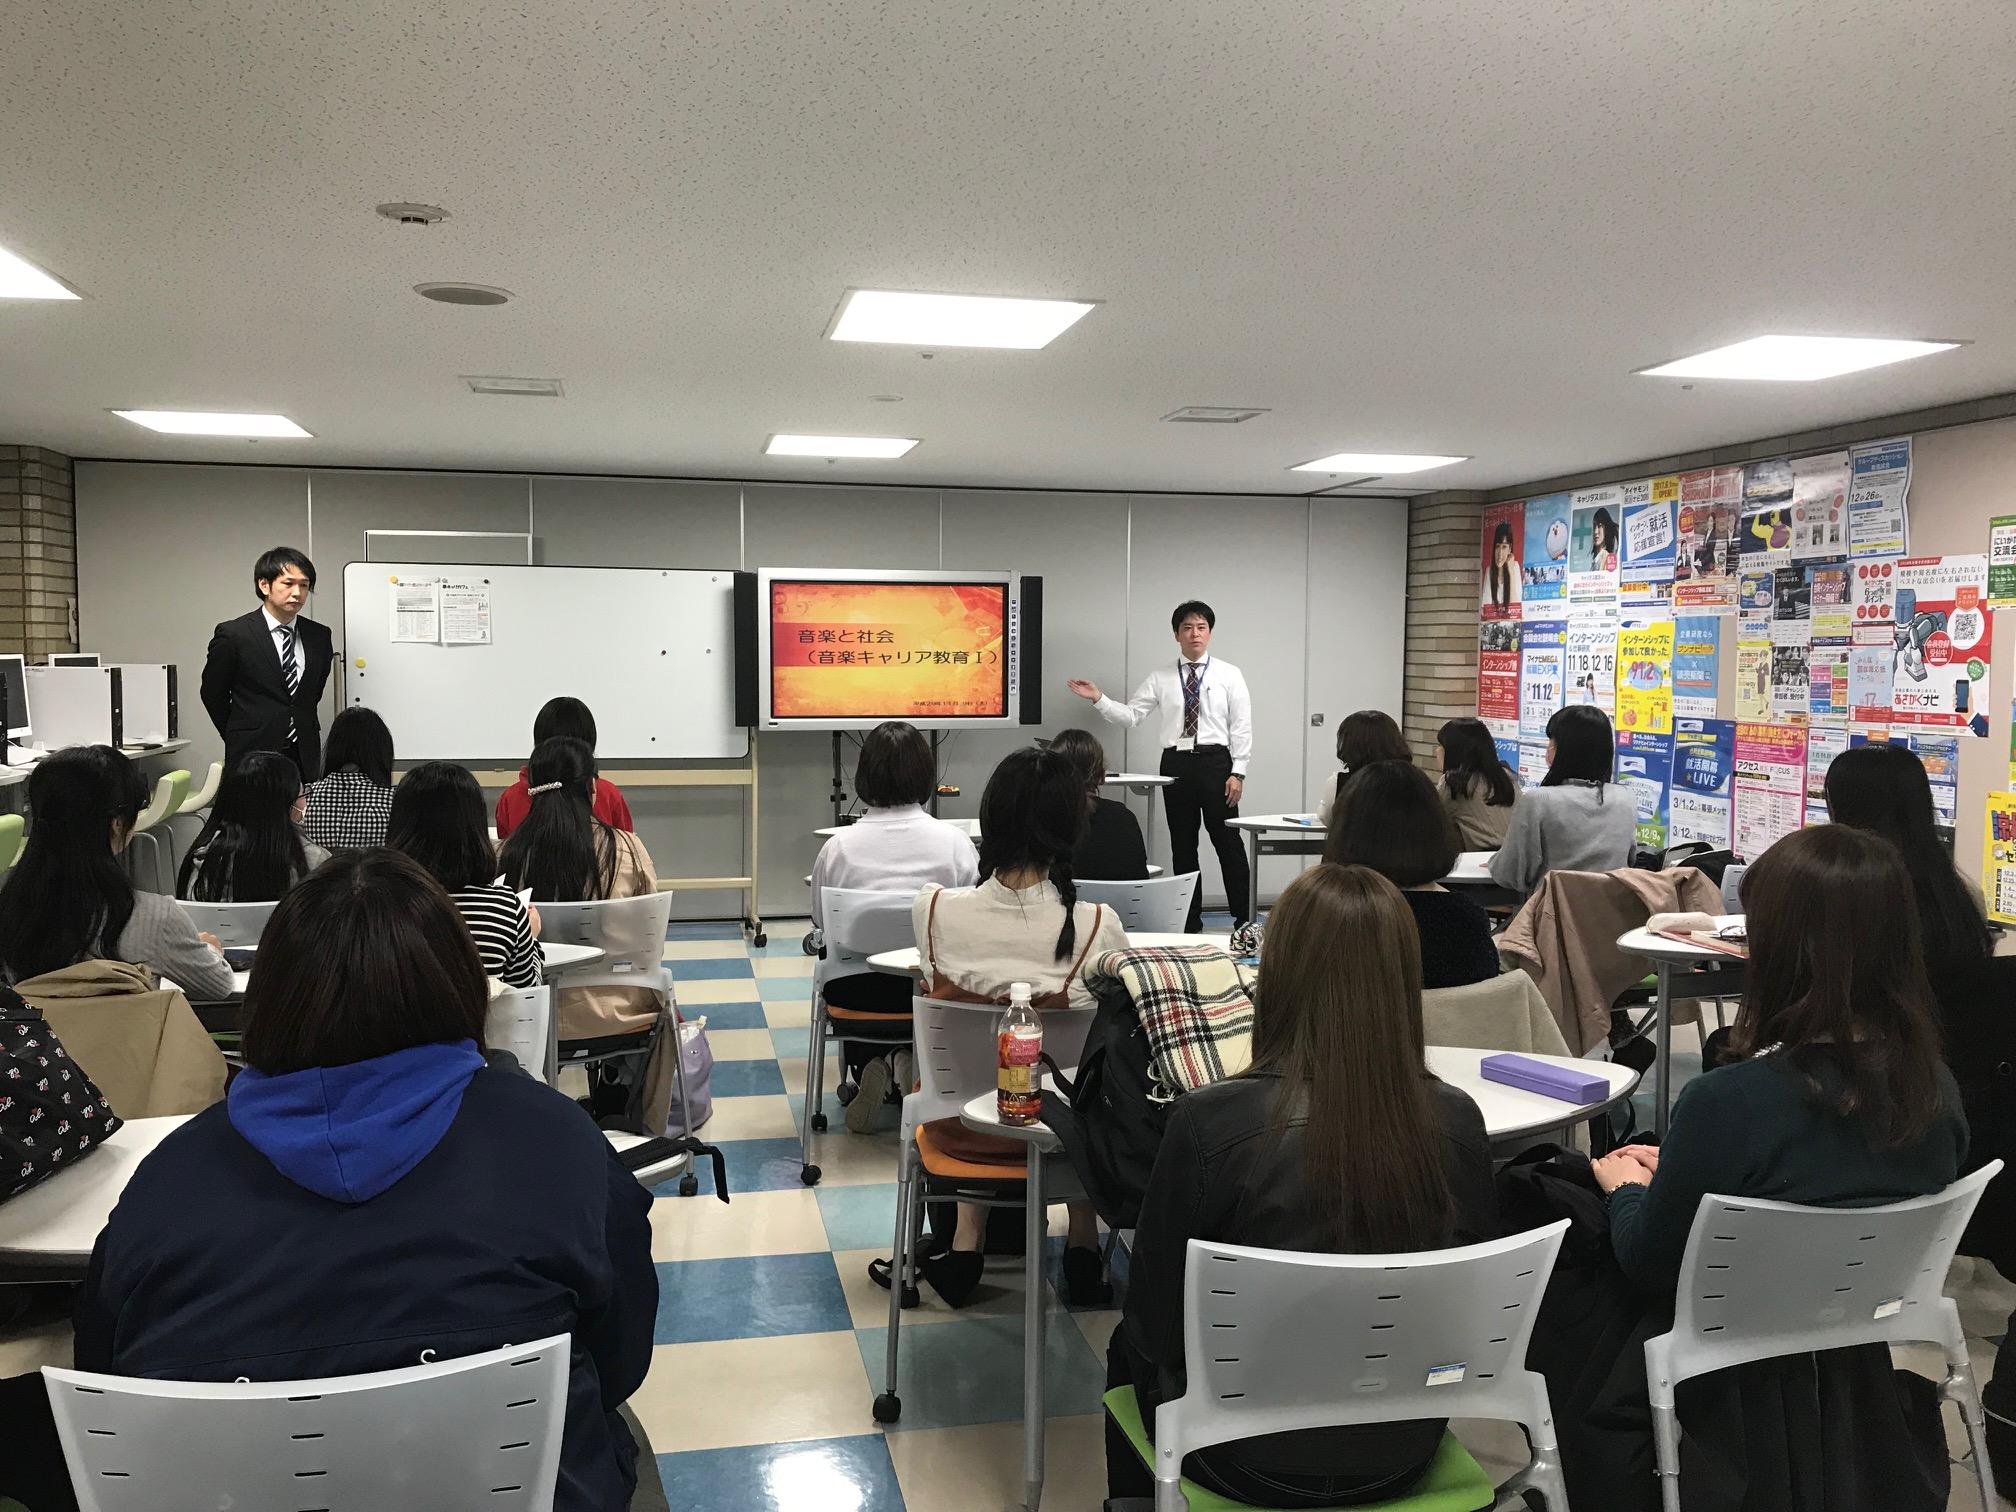 授業紹介:「音楽と社会(音楽キャリア教育Ⅰ)」(1年生秋学期)